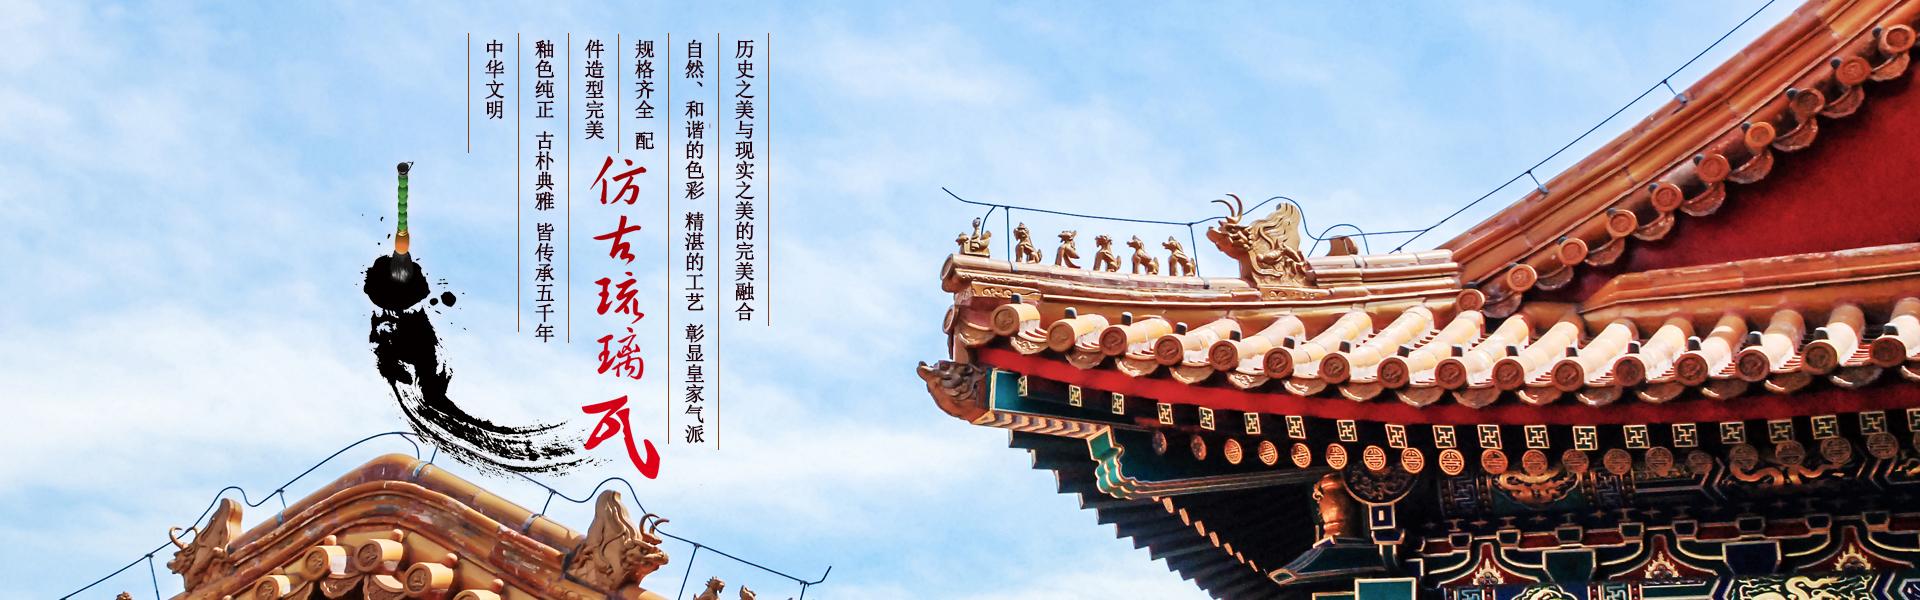 全瓷理伦2019高清中文版,西式乱小说录目伦200篇txt,古建免费一级生性活片,别墅荔枝视频